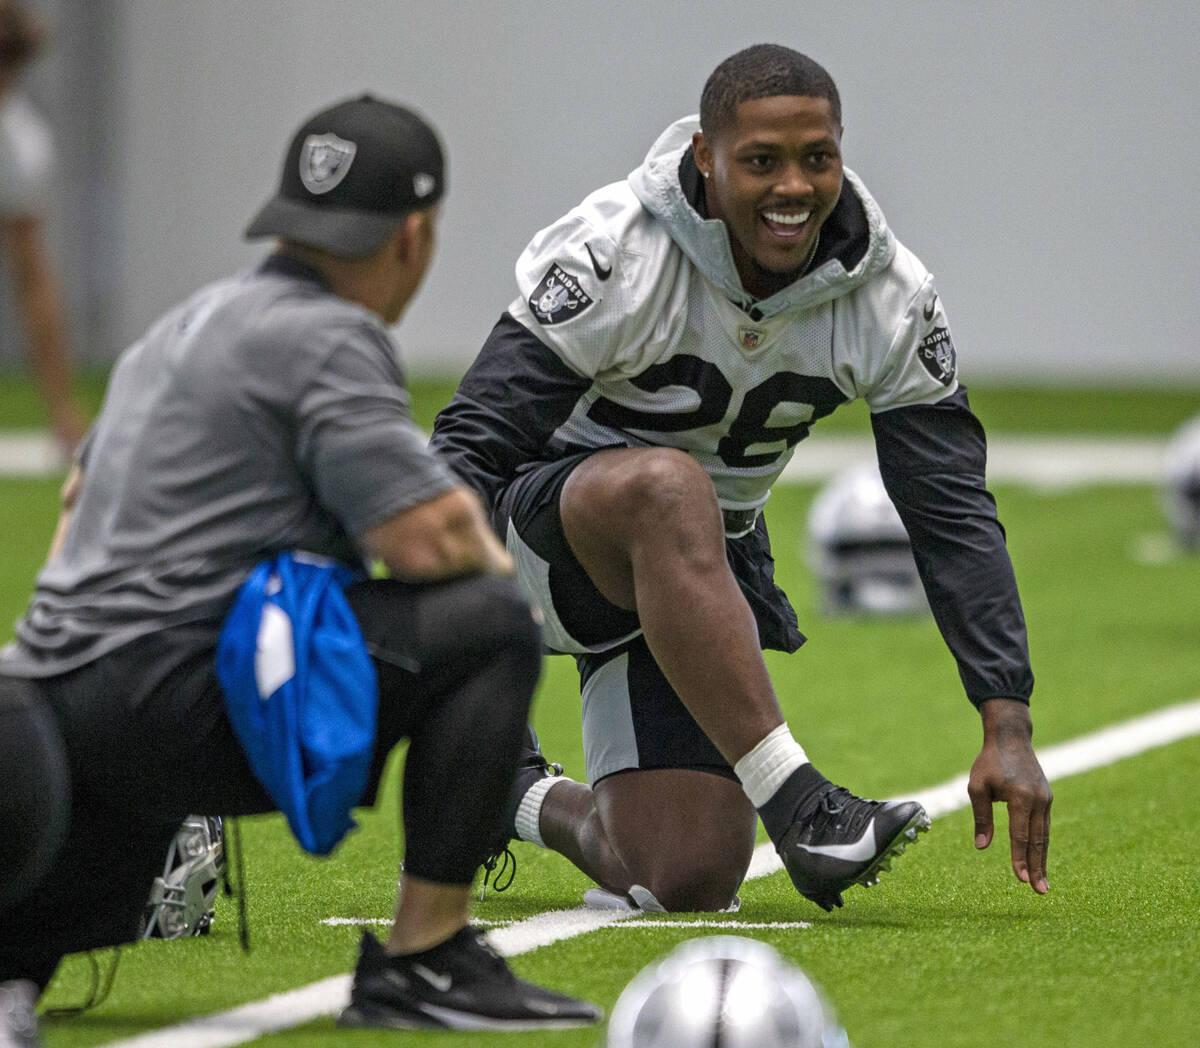 El running back de los Raiders Josh Jacobs (28) se ríe mientras estira durante una sesión de ...